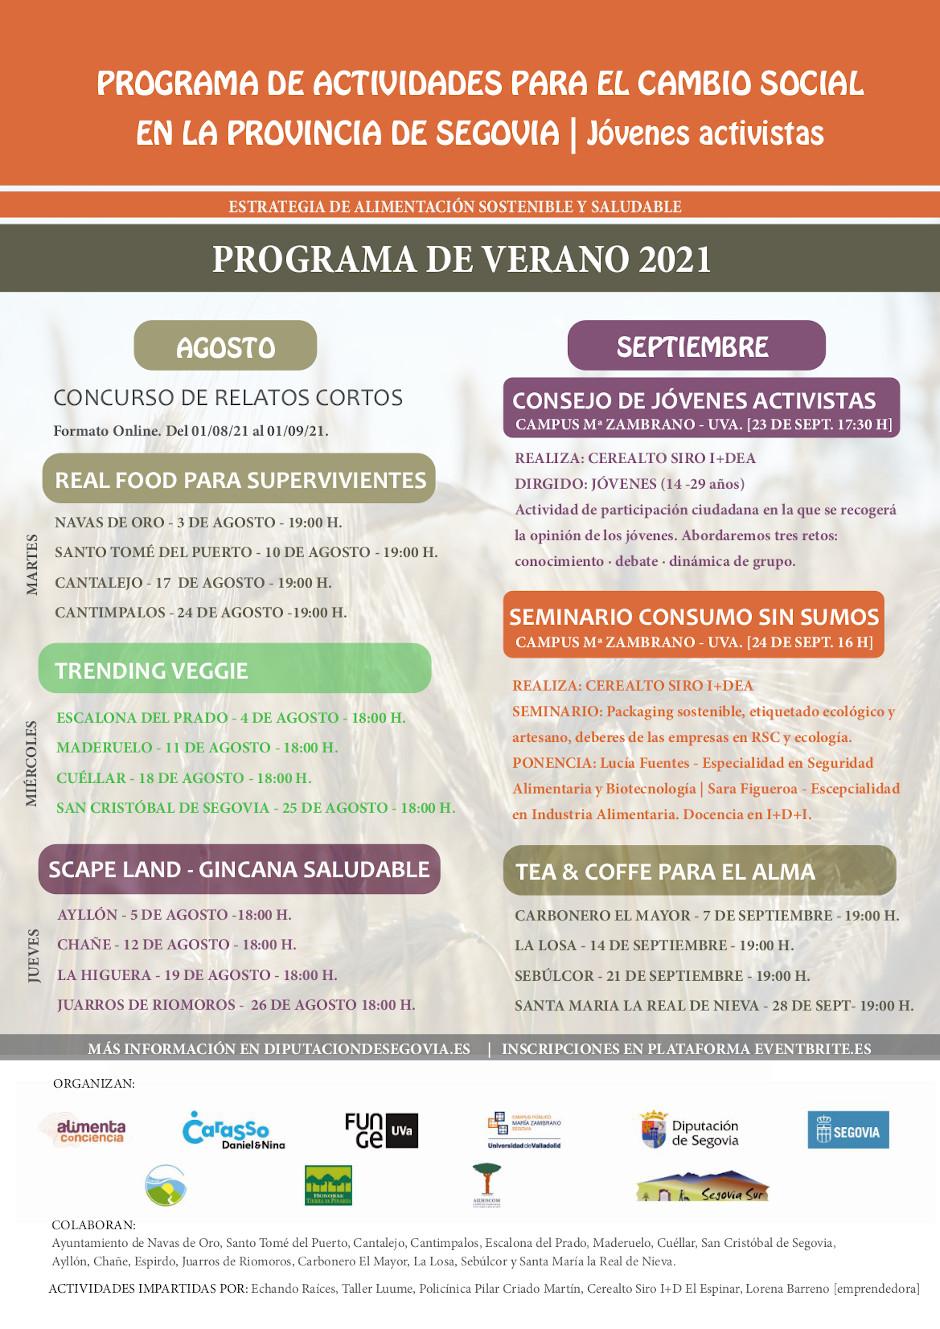 Programa-de-verano-2021-EASS